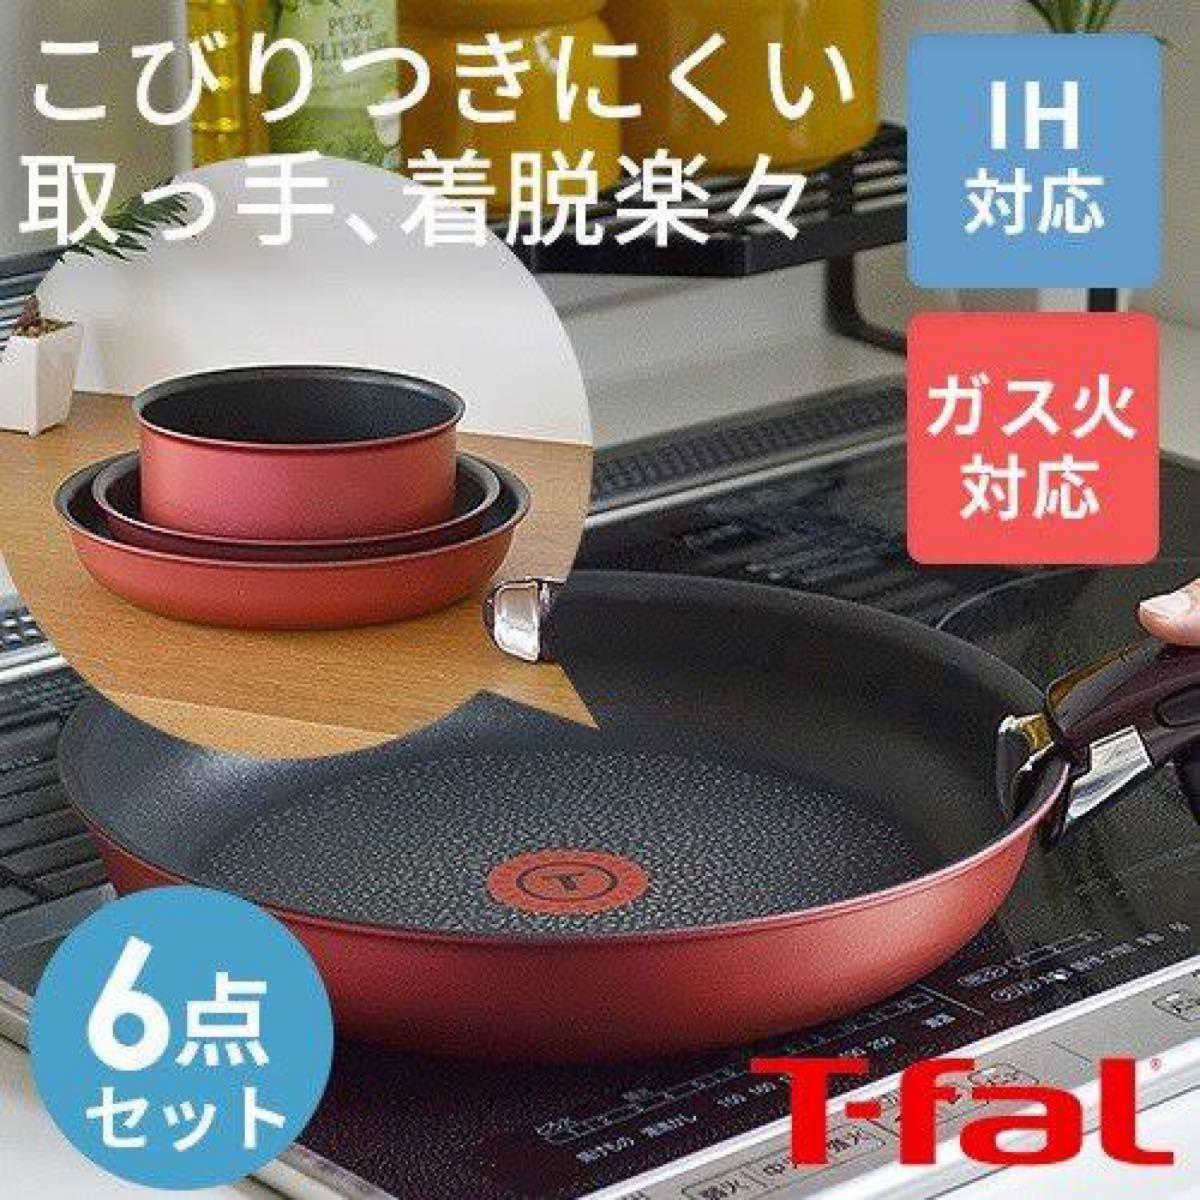 T-fal ティファール インジニオ・ネオ IHルビー・エクセレンス セット6